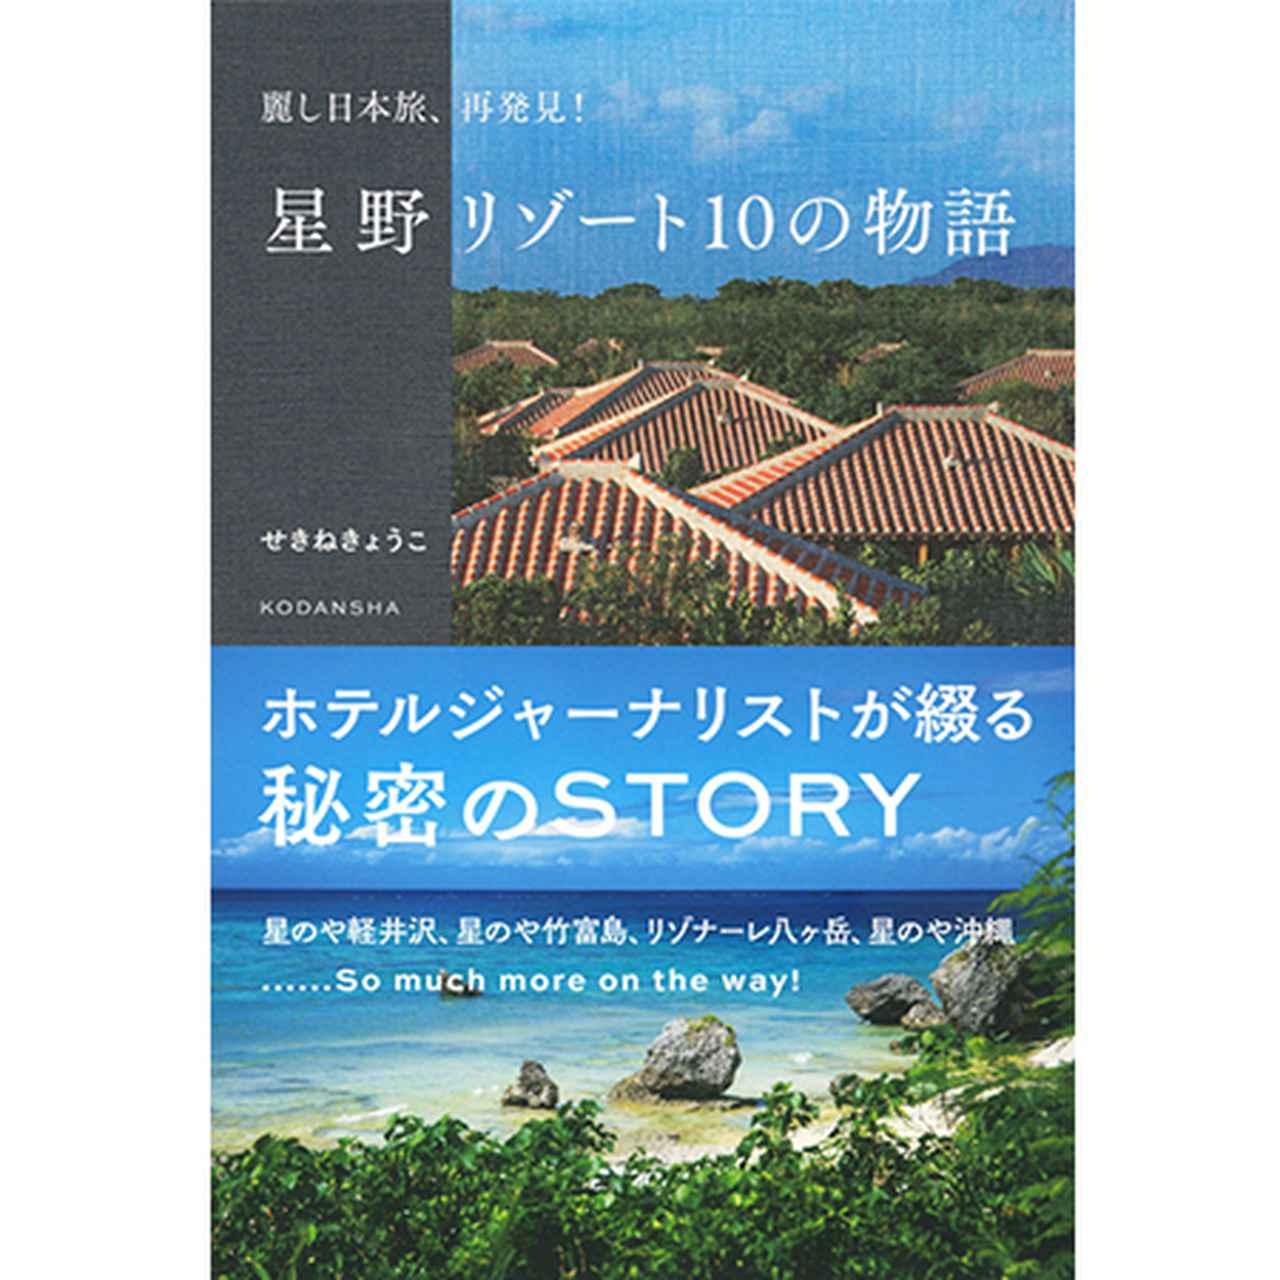 Images : 『麗し日本旅、再発見! 星野リゾート10の物語』